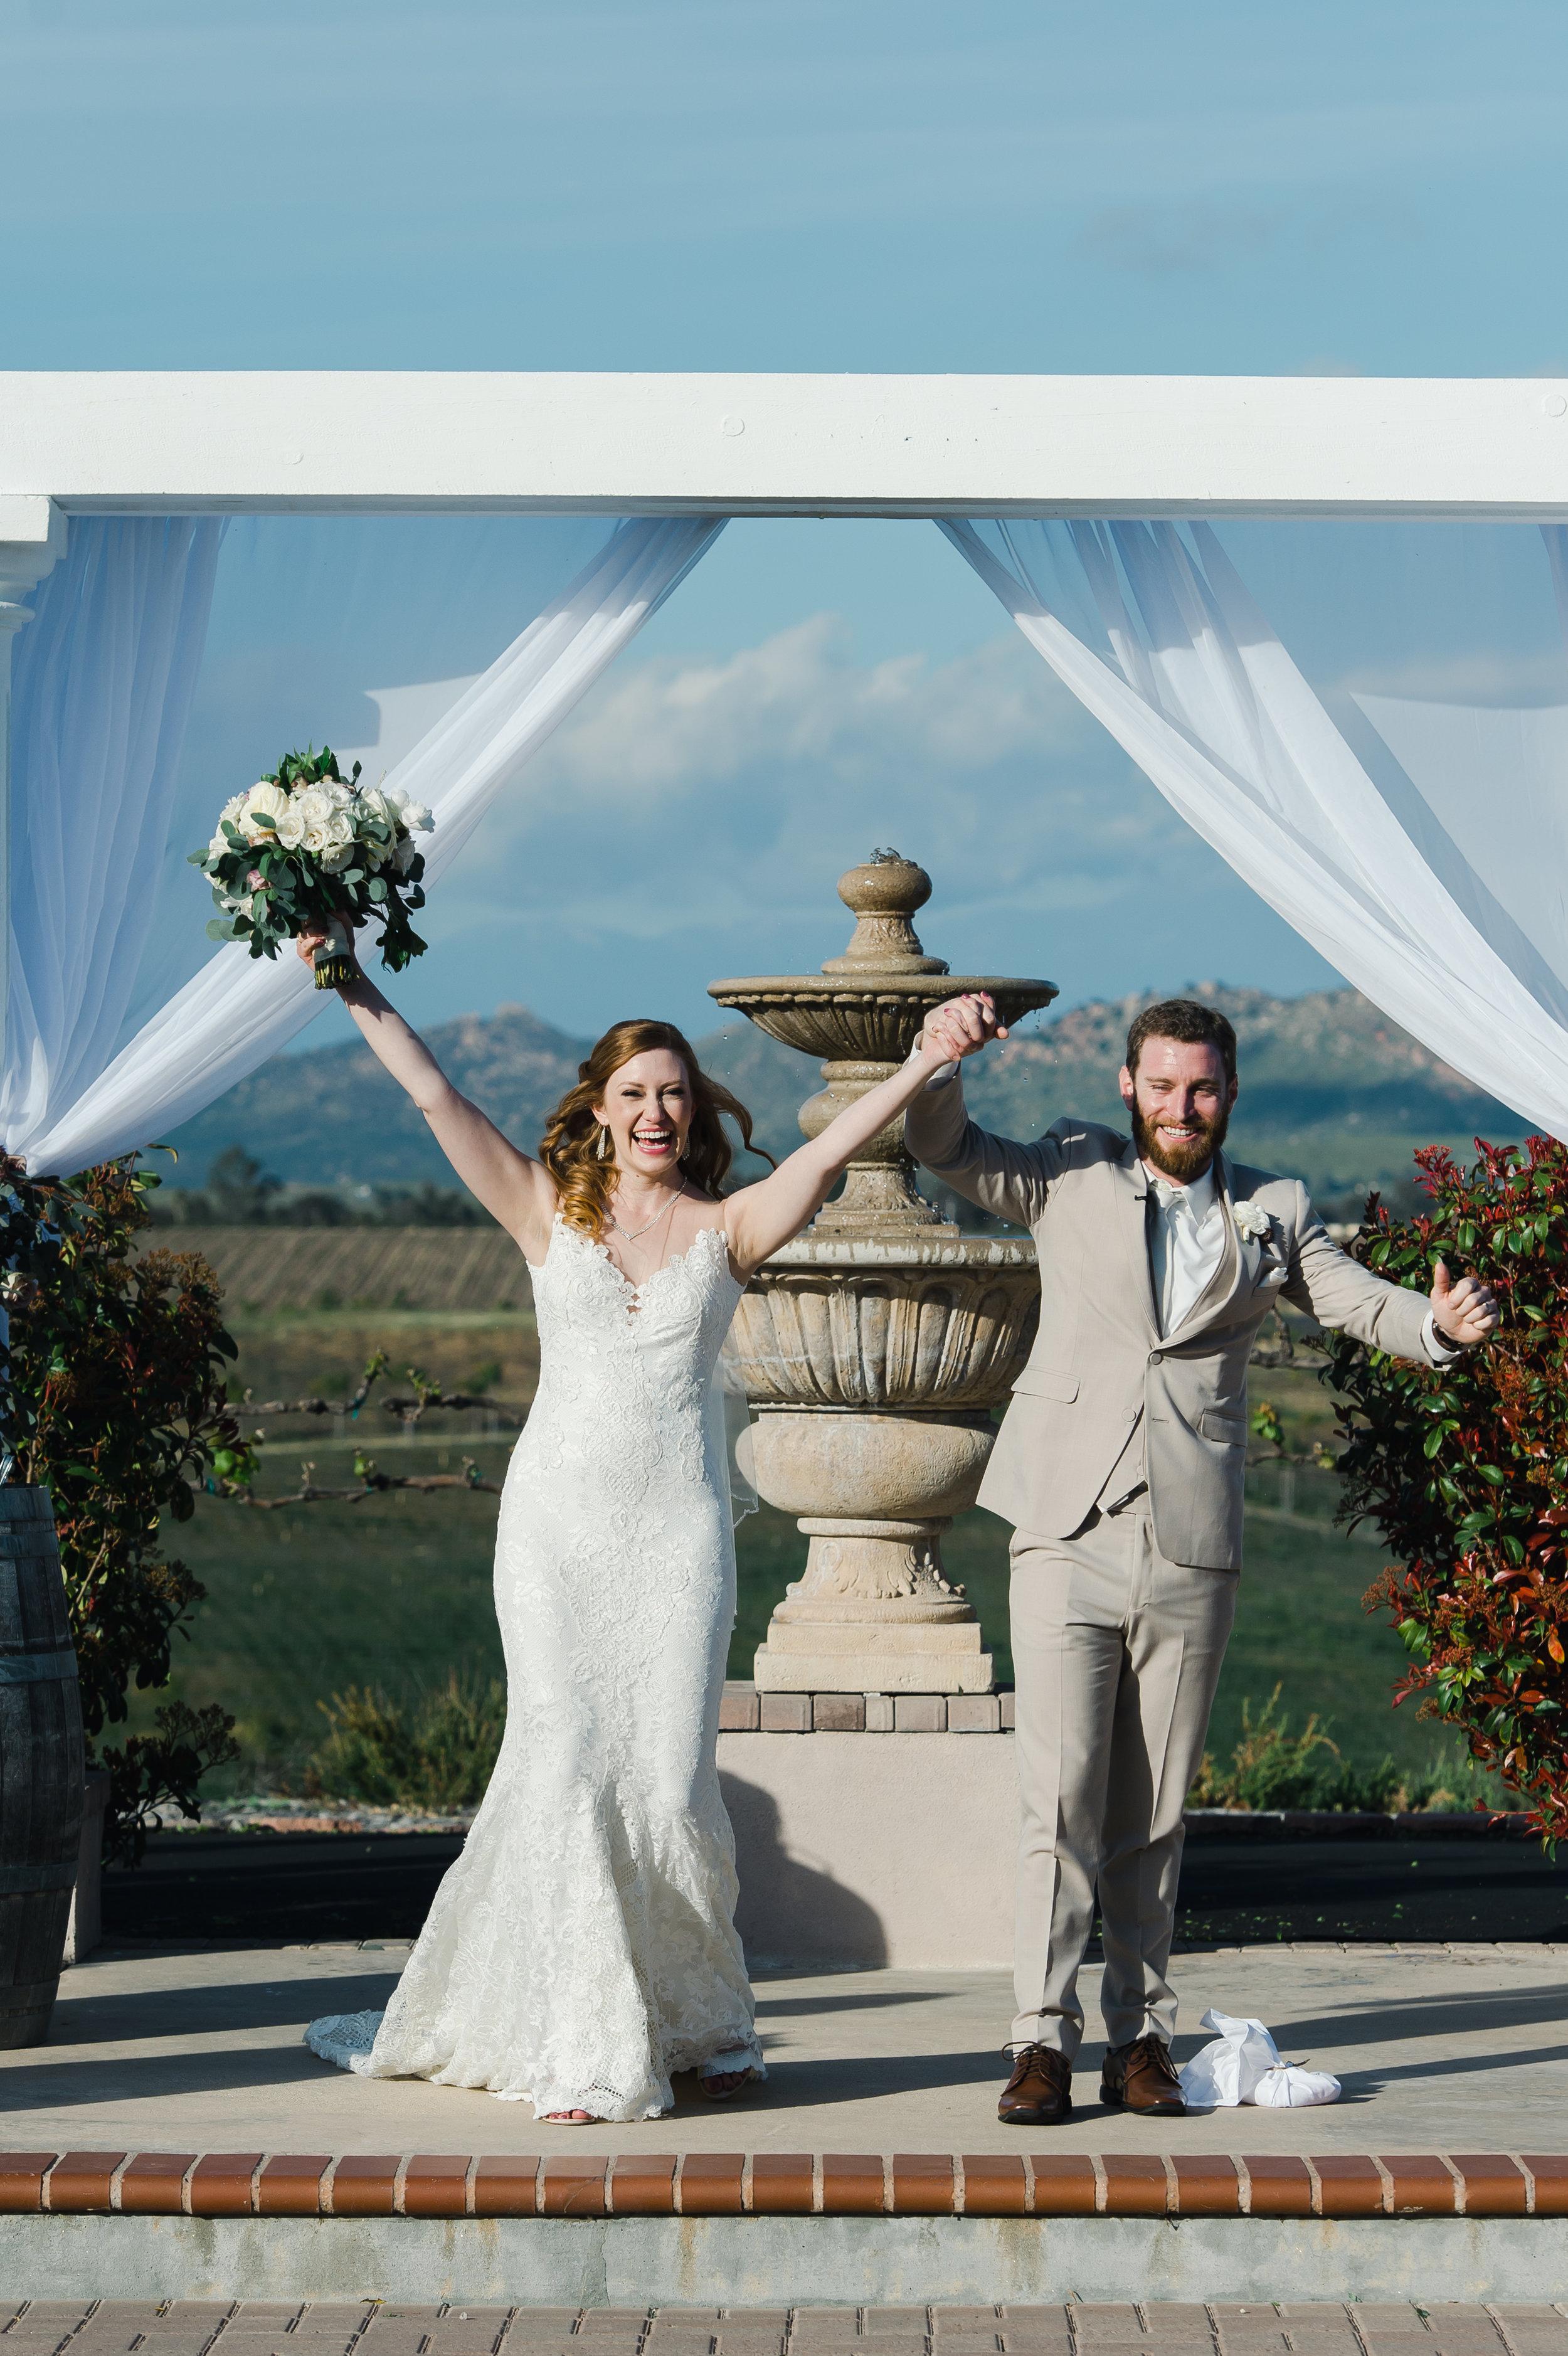 39mountpalomarwineryweddingpictures.jpg